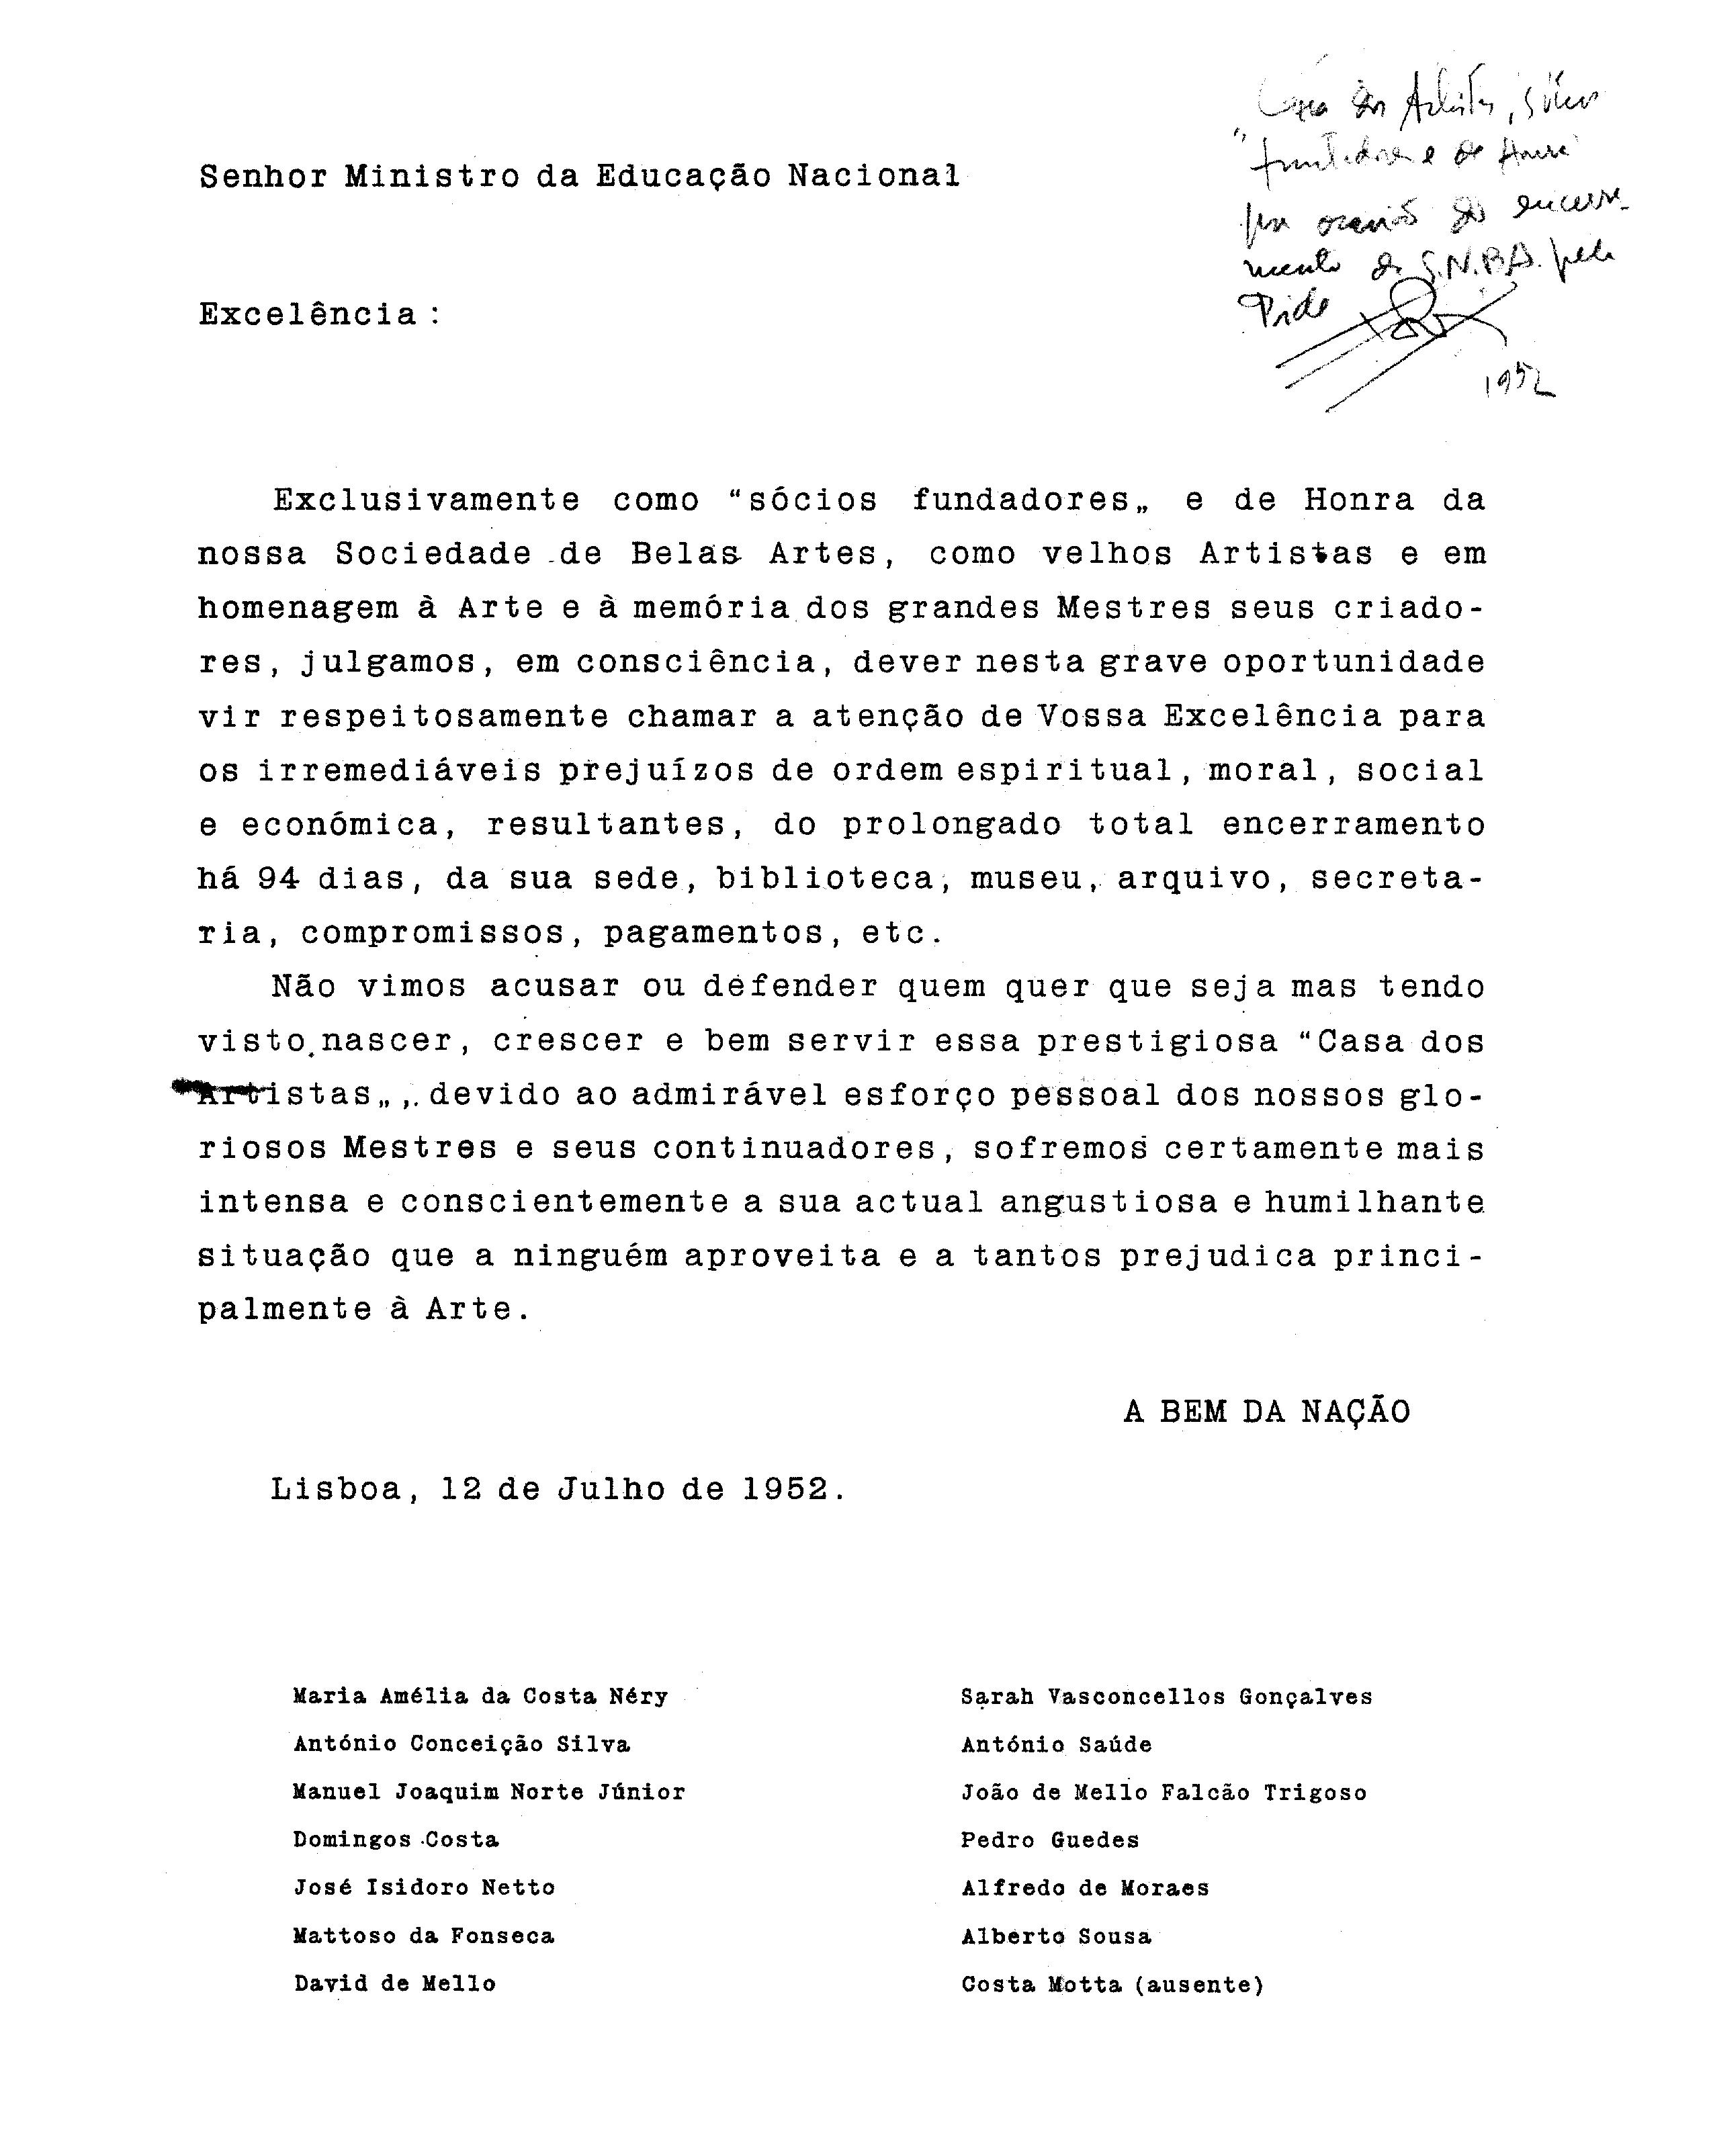 02969.066.009- pag.1